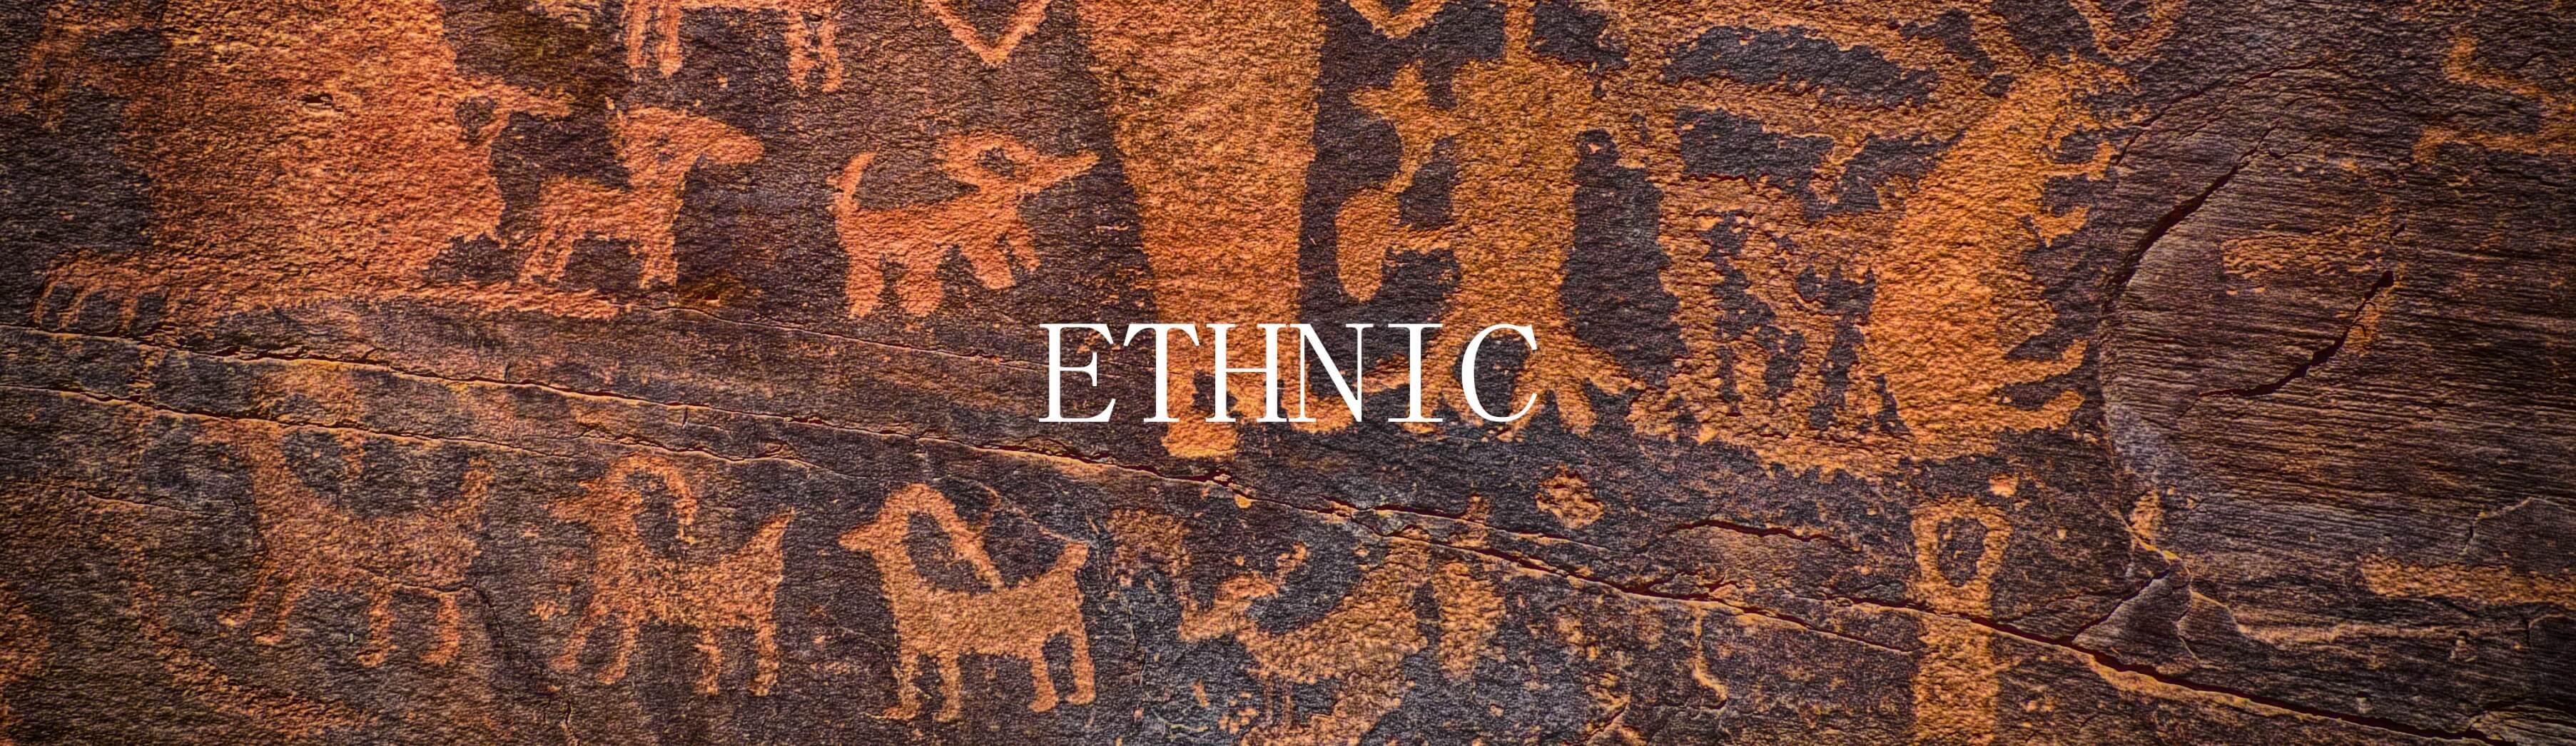 ethnic-1-3